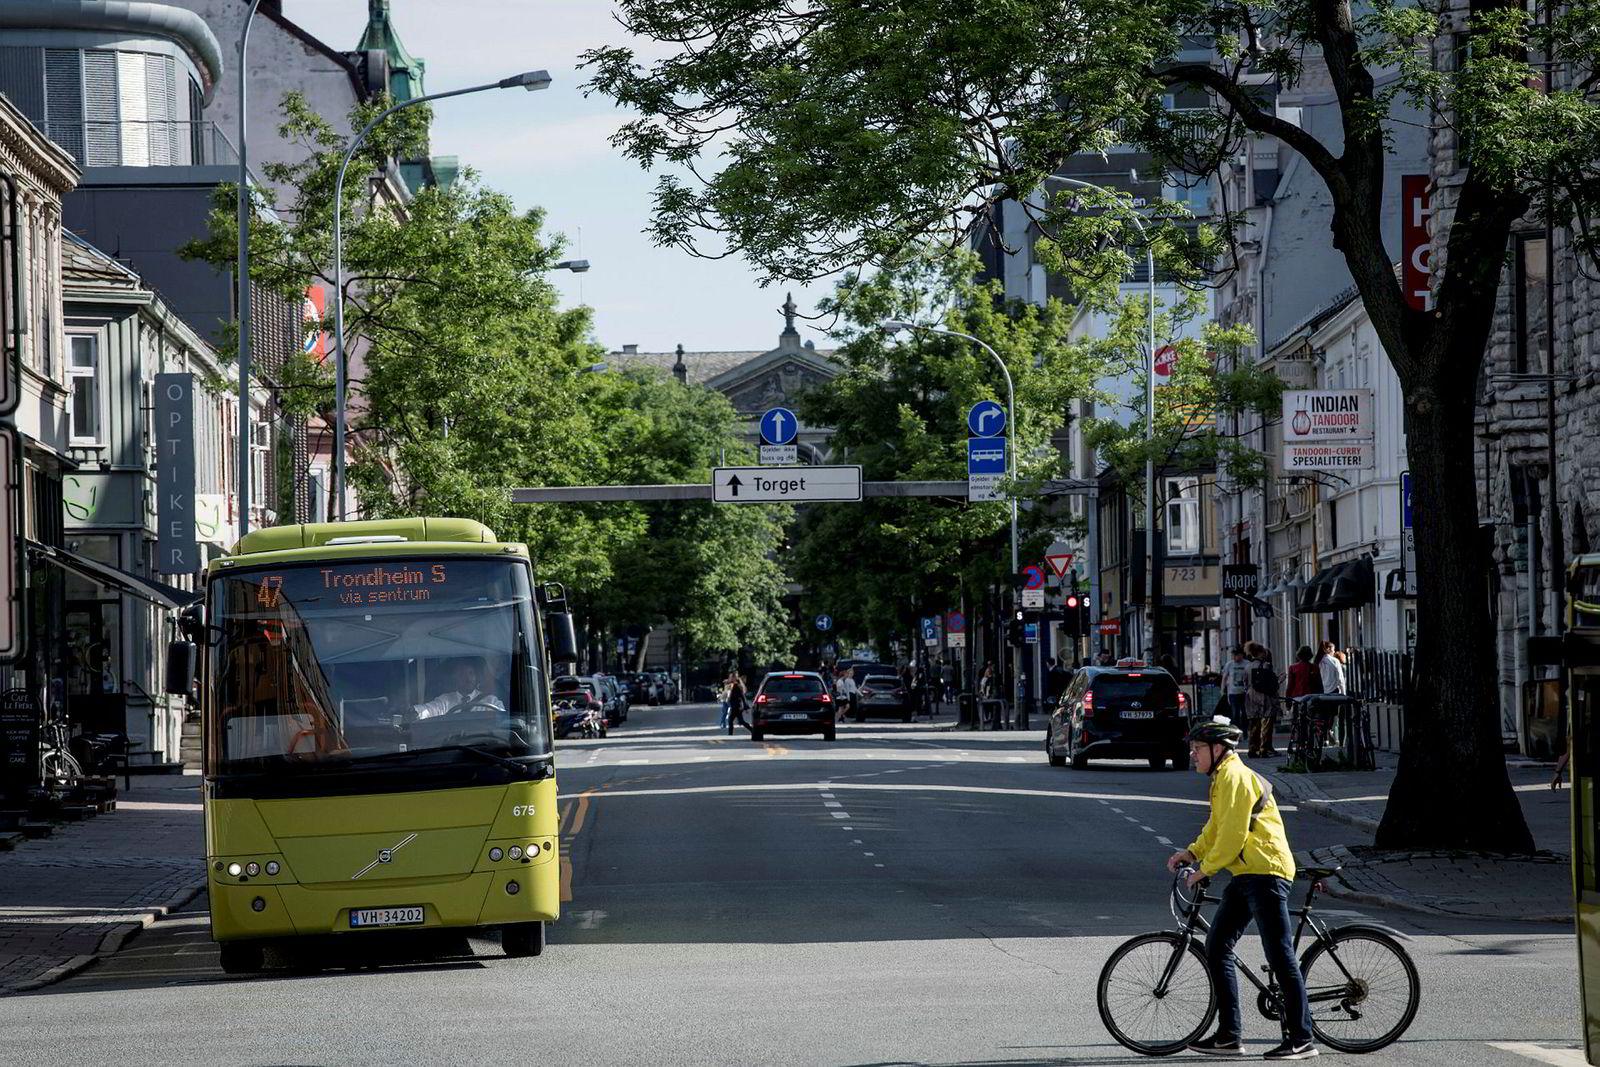 Trondheim har gjort et av Norgeshistoriens største innkjøp av elbusser, også med eget GPS-system. De bygger også et helt nytt transportsystem som skal gjøre det mer miljøvennlig og effektivt å reise kollektivt.